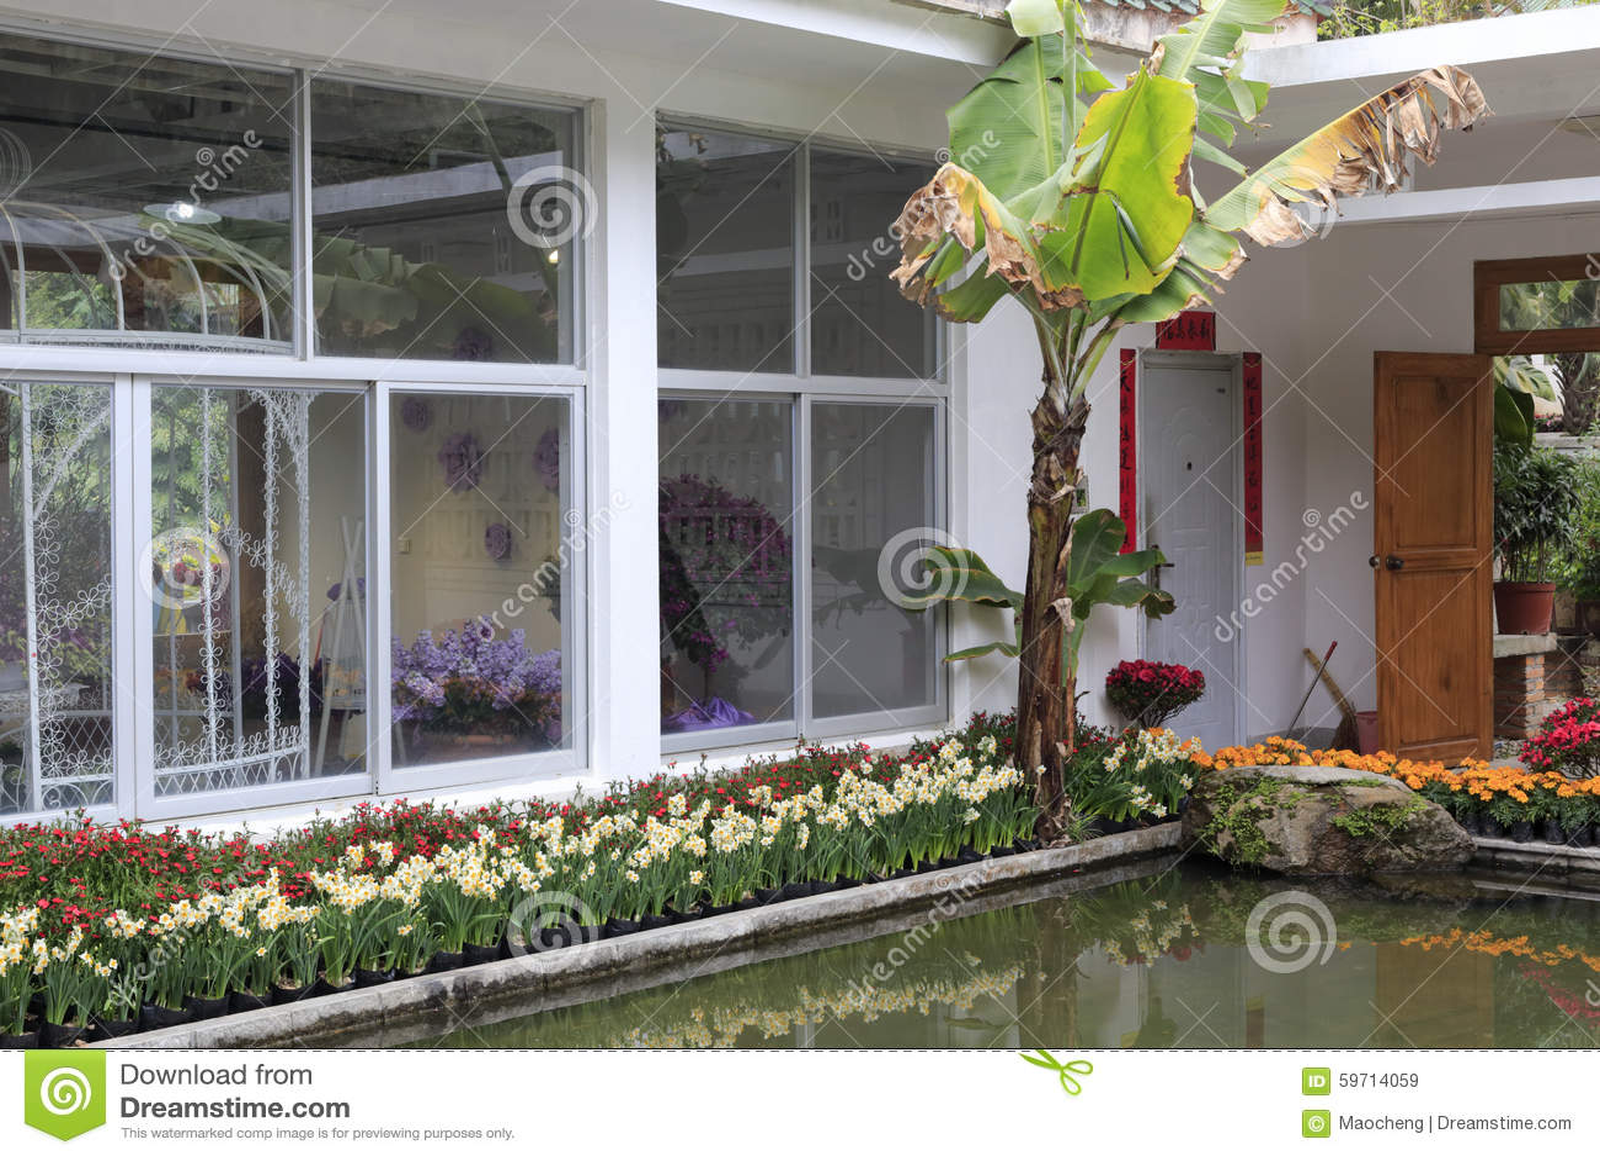 Gewachshaus Mit Pool Redaktionelles Stockbild Bild Von Baume 59714059